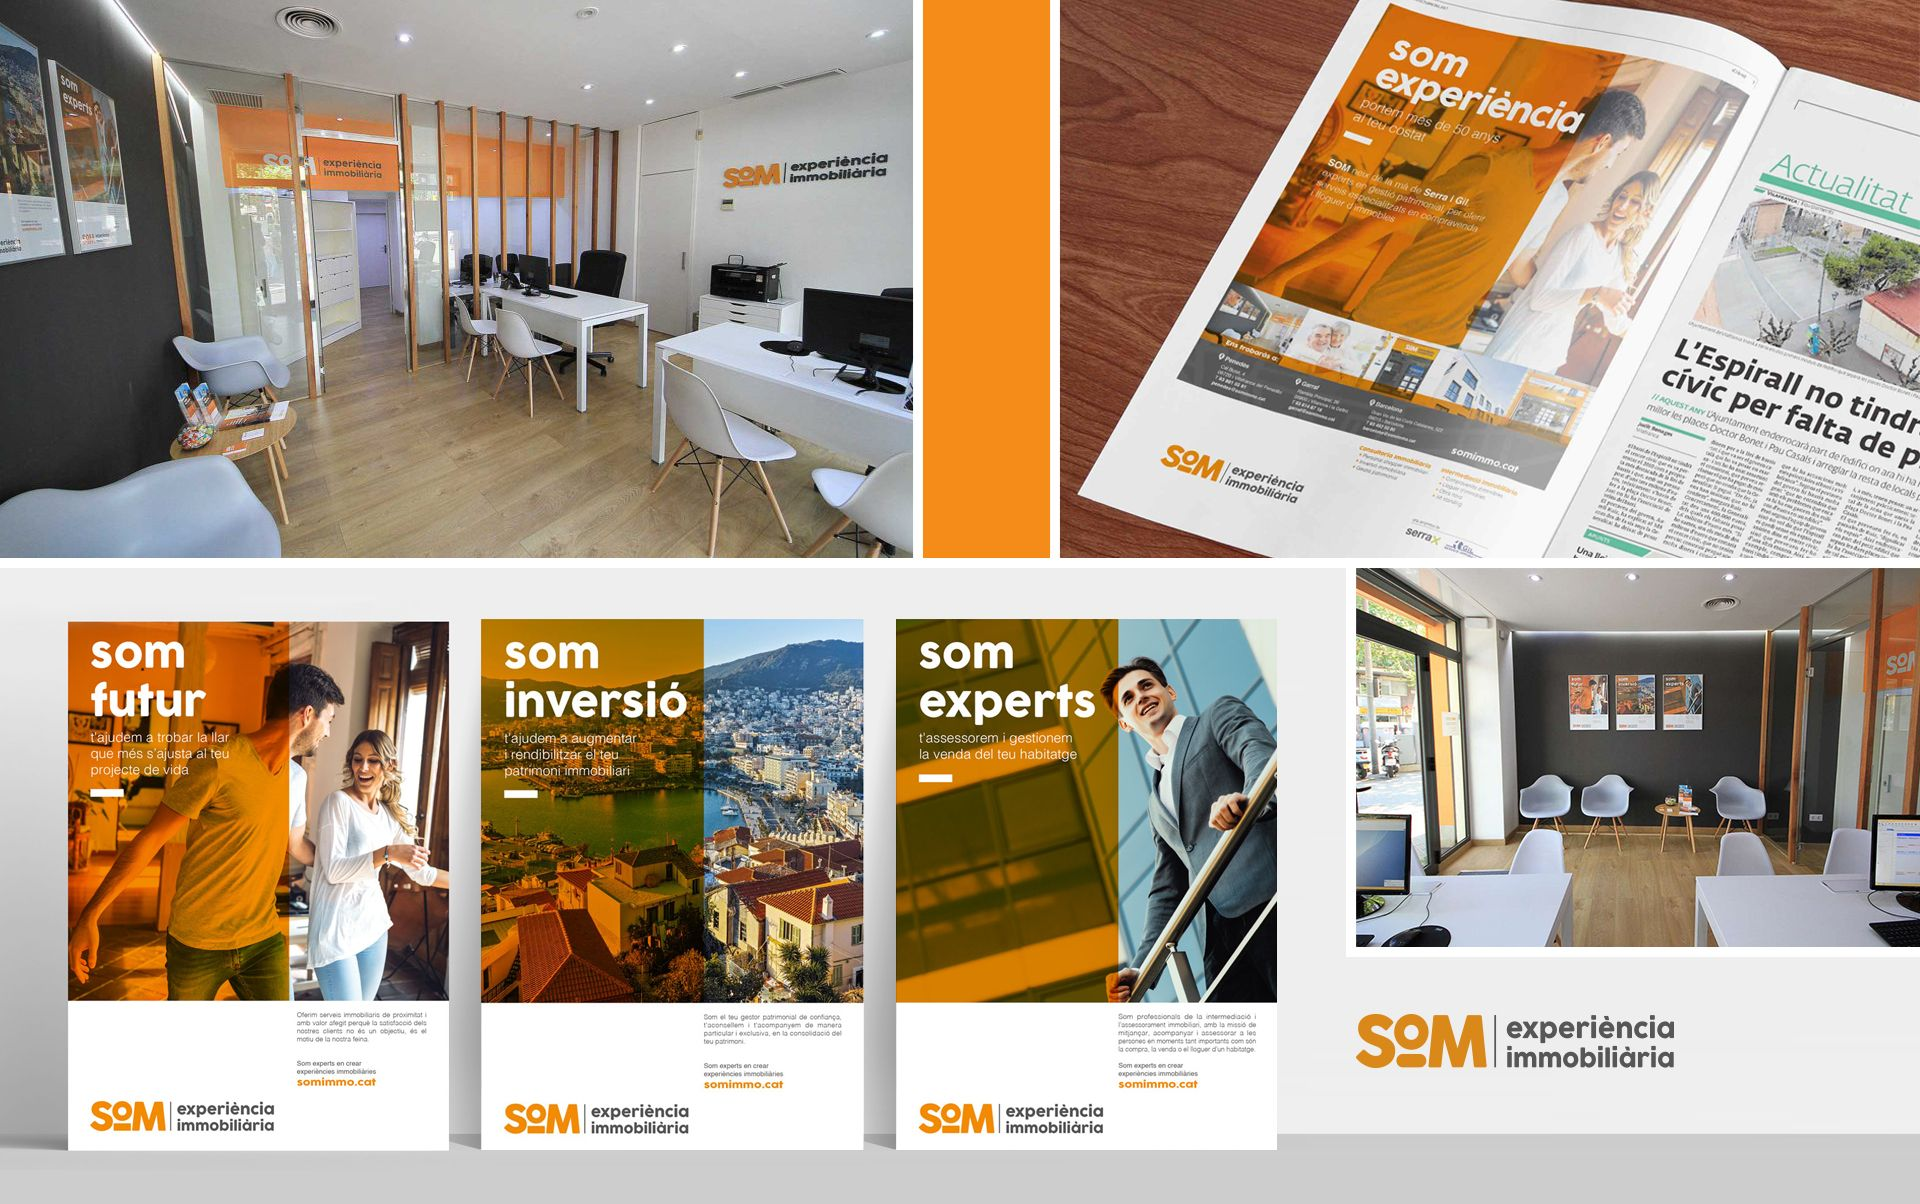 diseno grafico inmobiliiaria - Naming, branding, registro de marca, aplicaciones de marca...